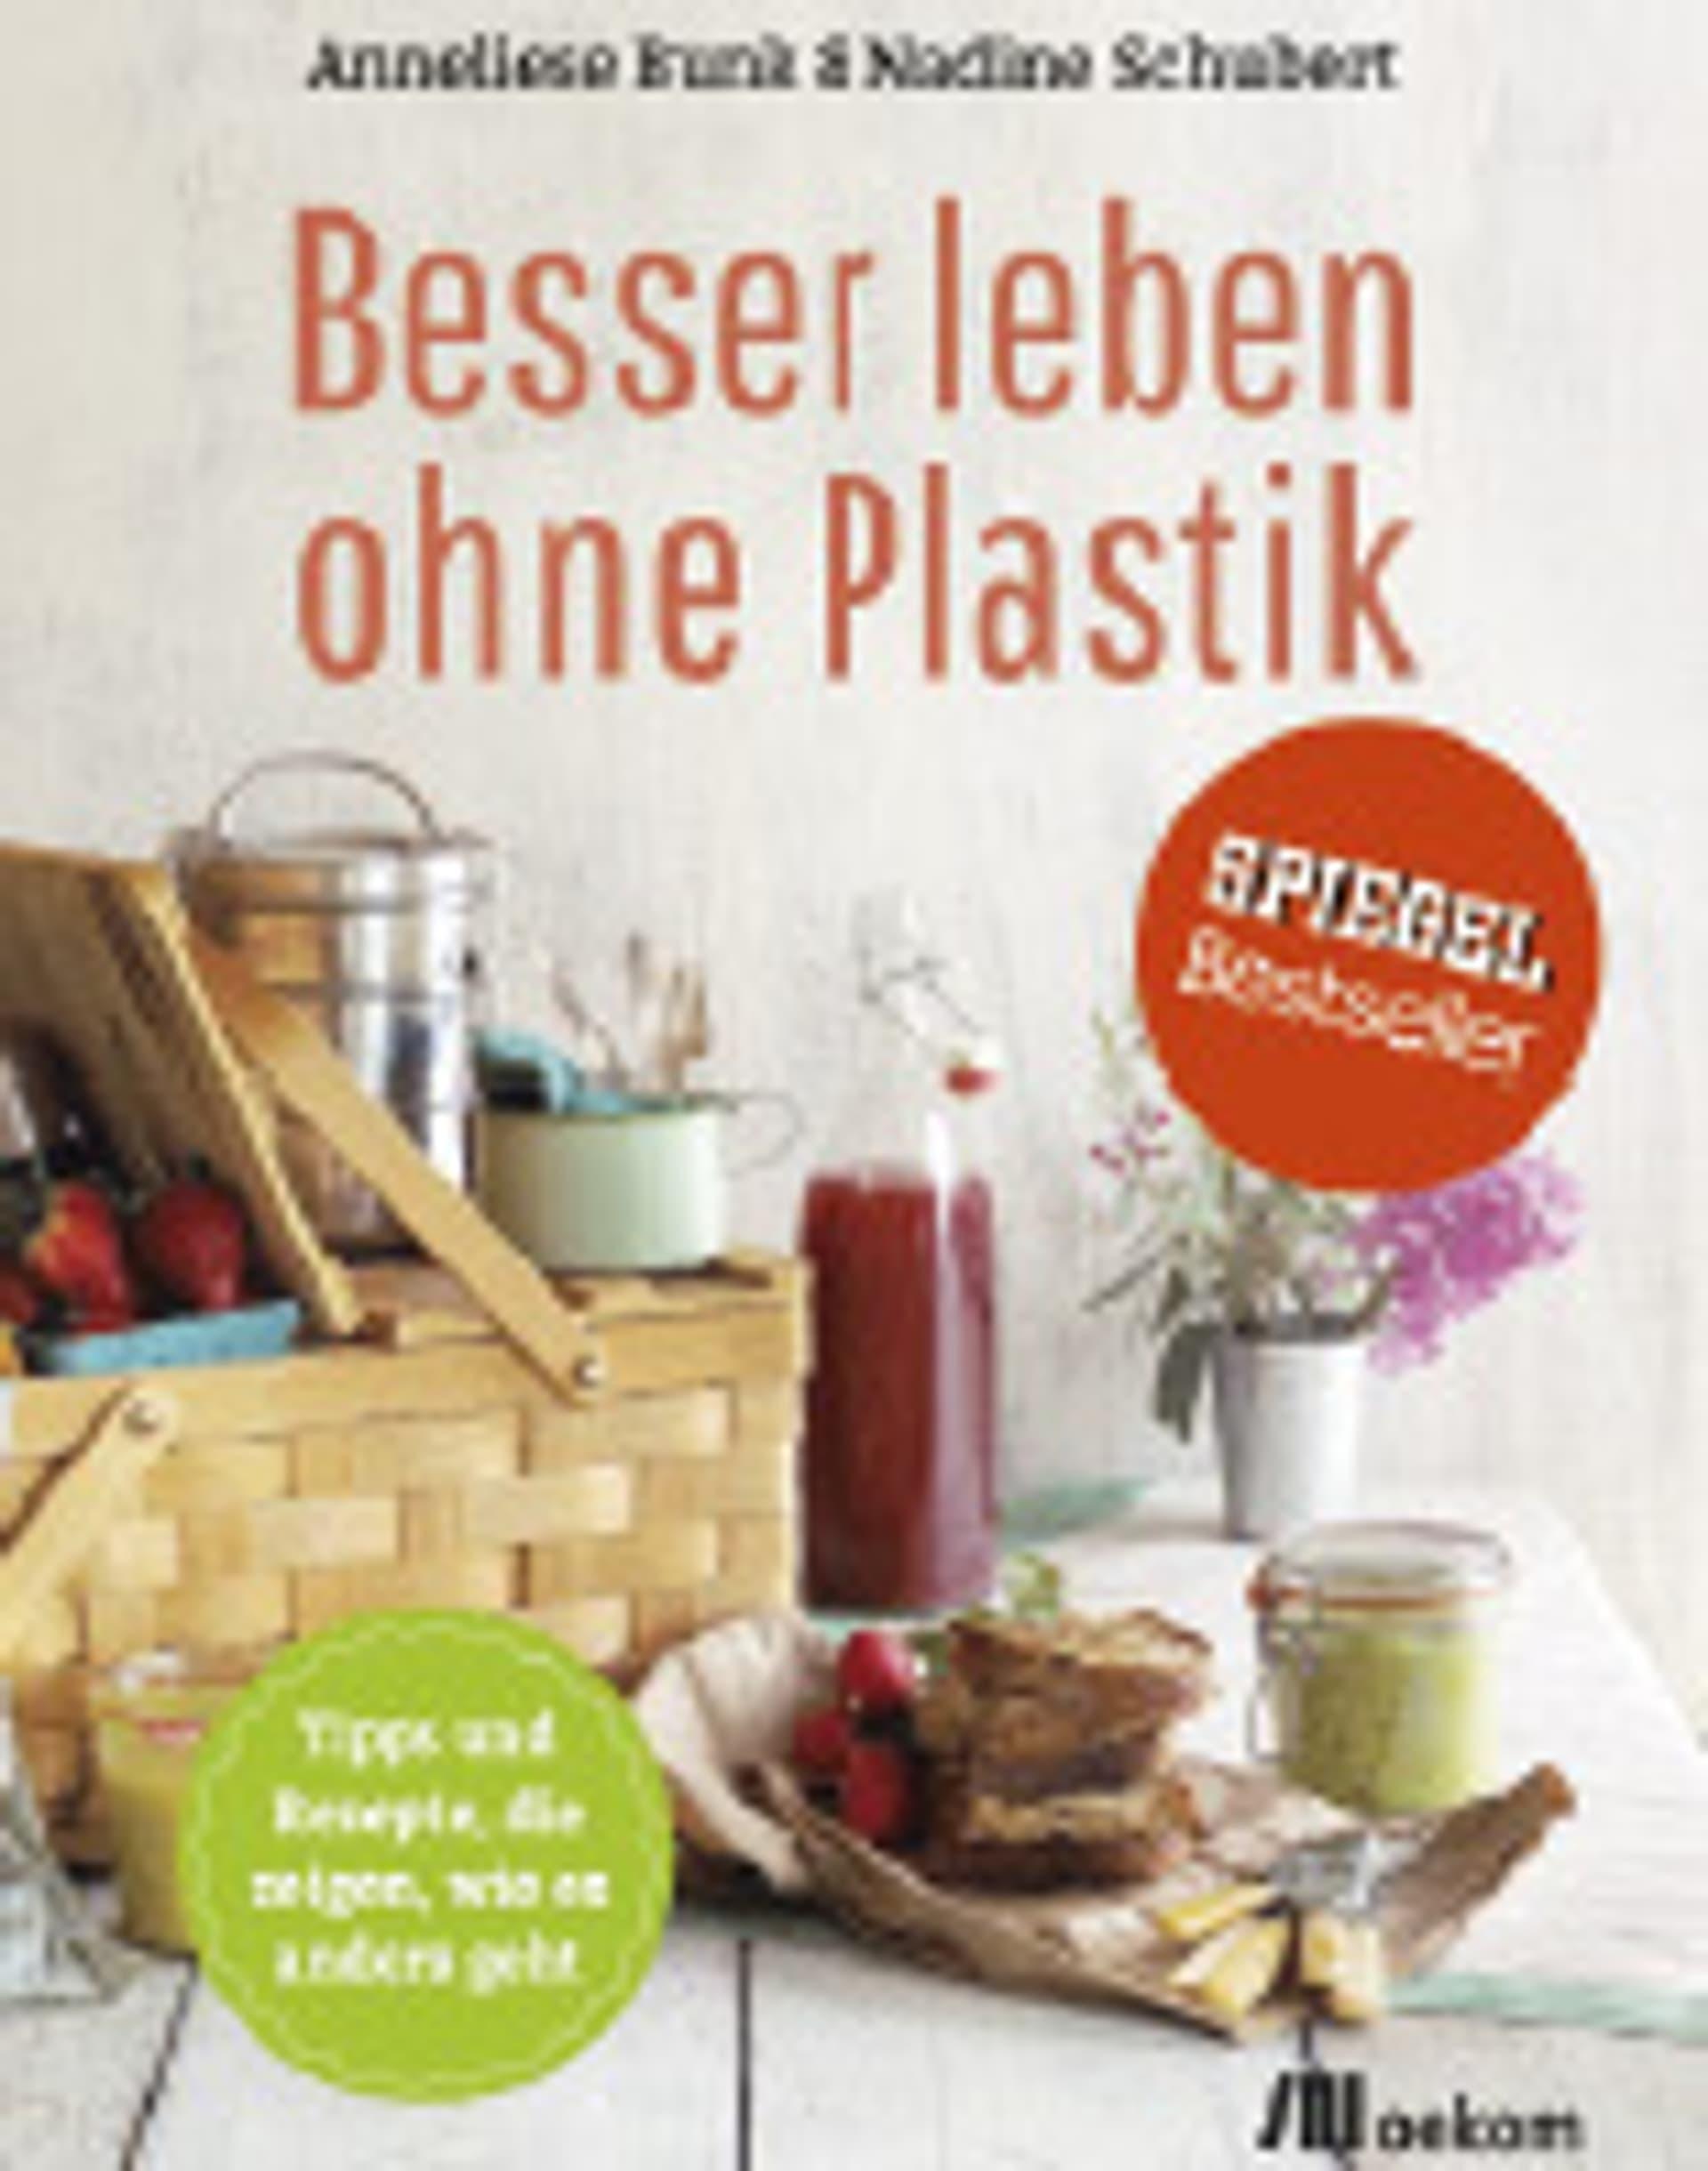 Schubert, Nadine;  Besser leben  ohne Plastik